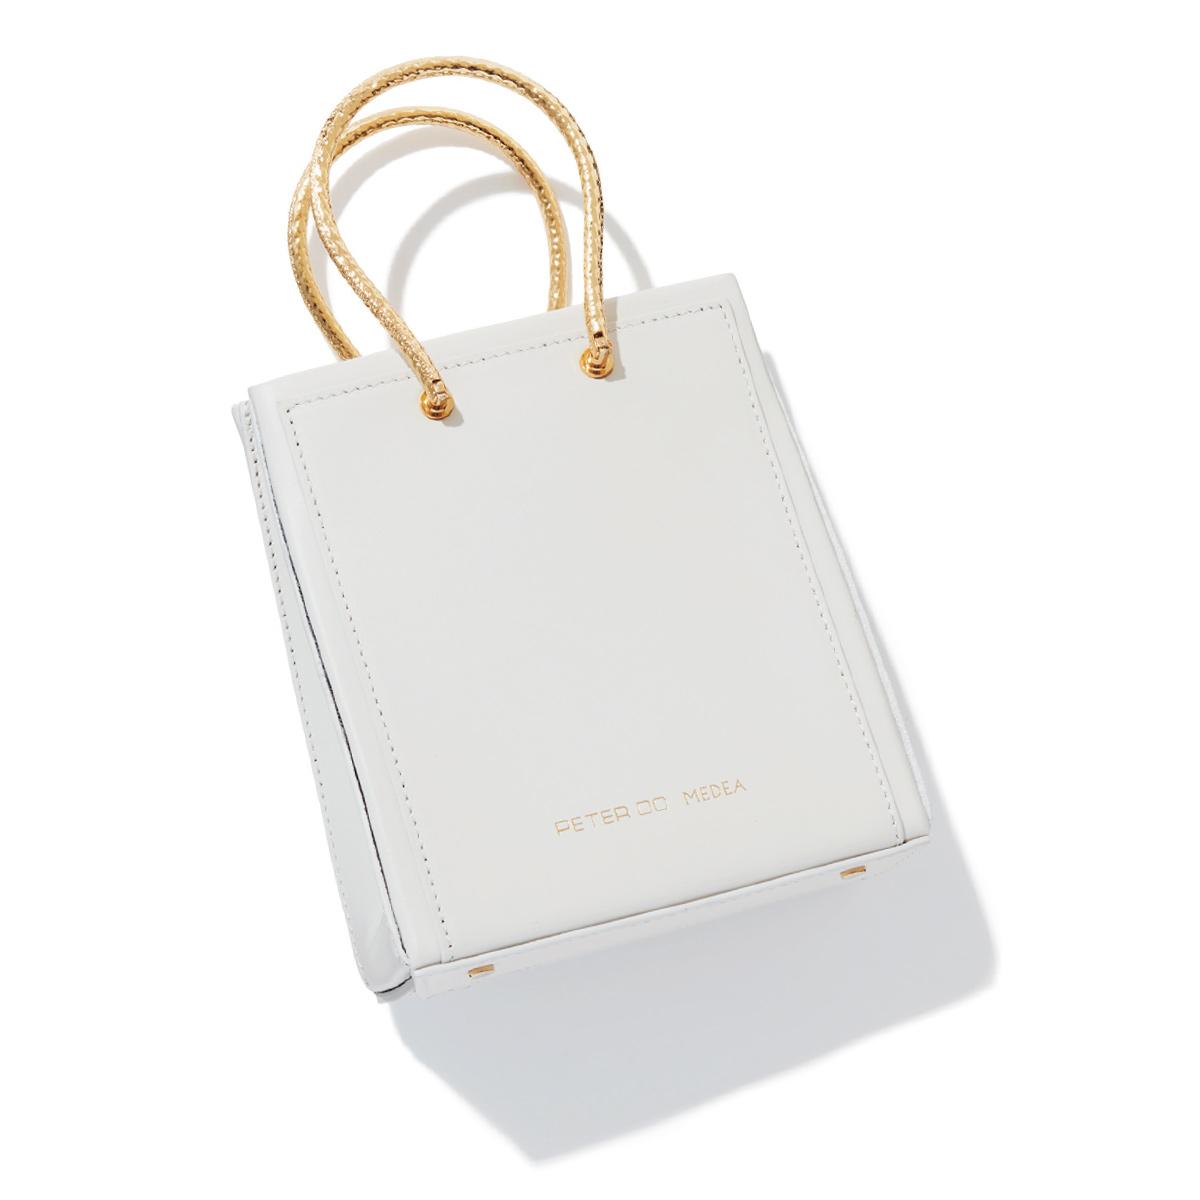 3.ブランド初のコラボバッグ